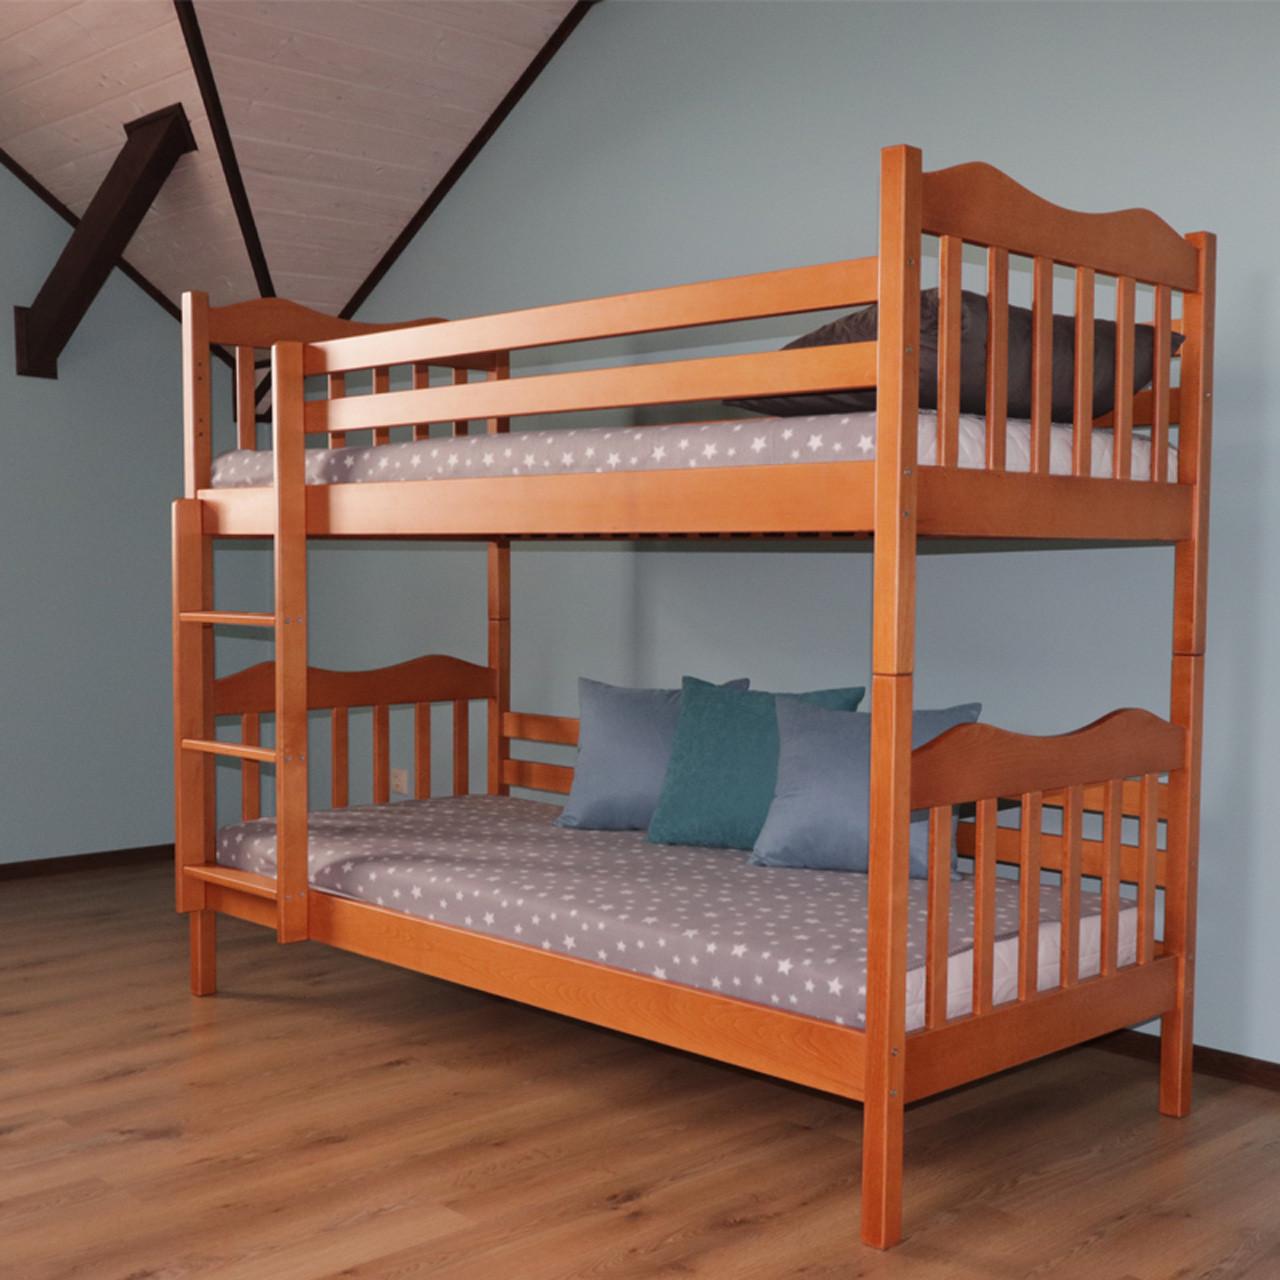 Ліжко двох'ярусне дерев'яне Мауглі масив бука (трансформер)